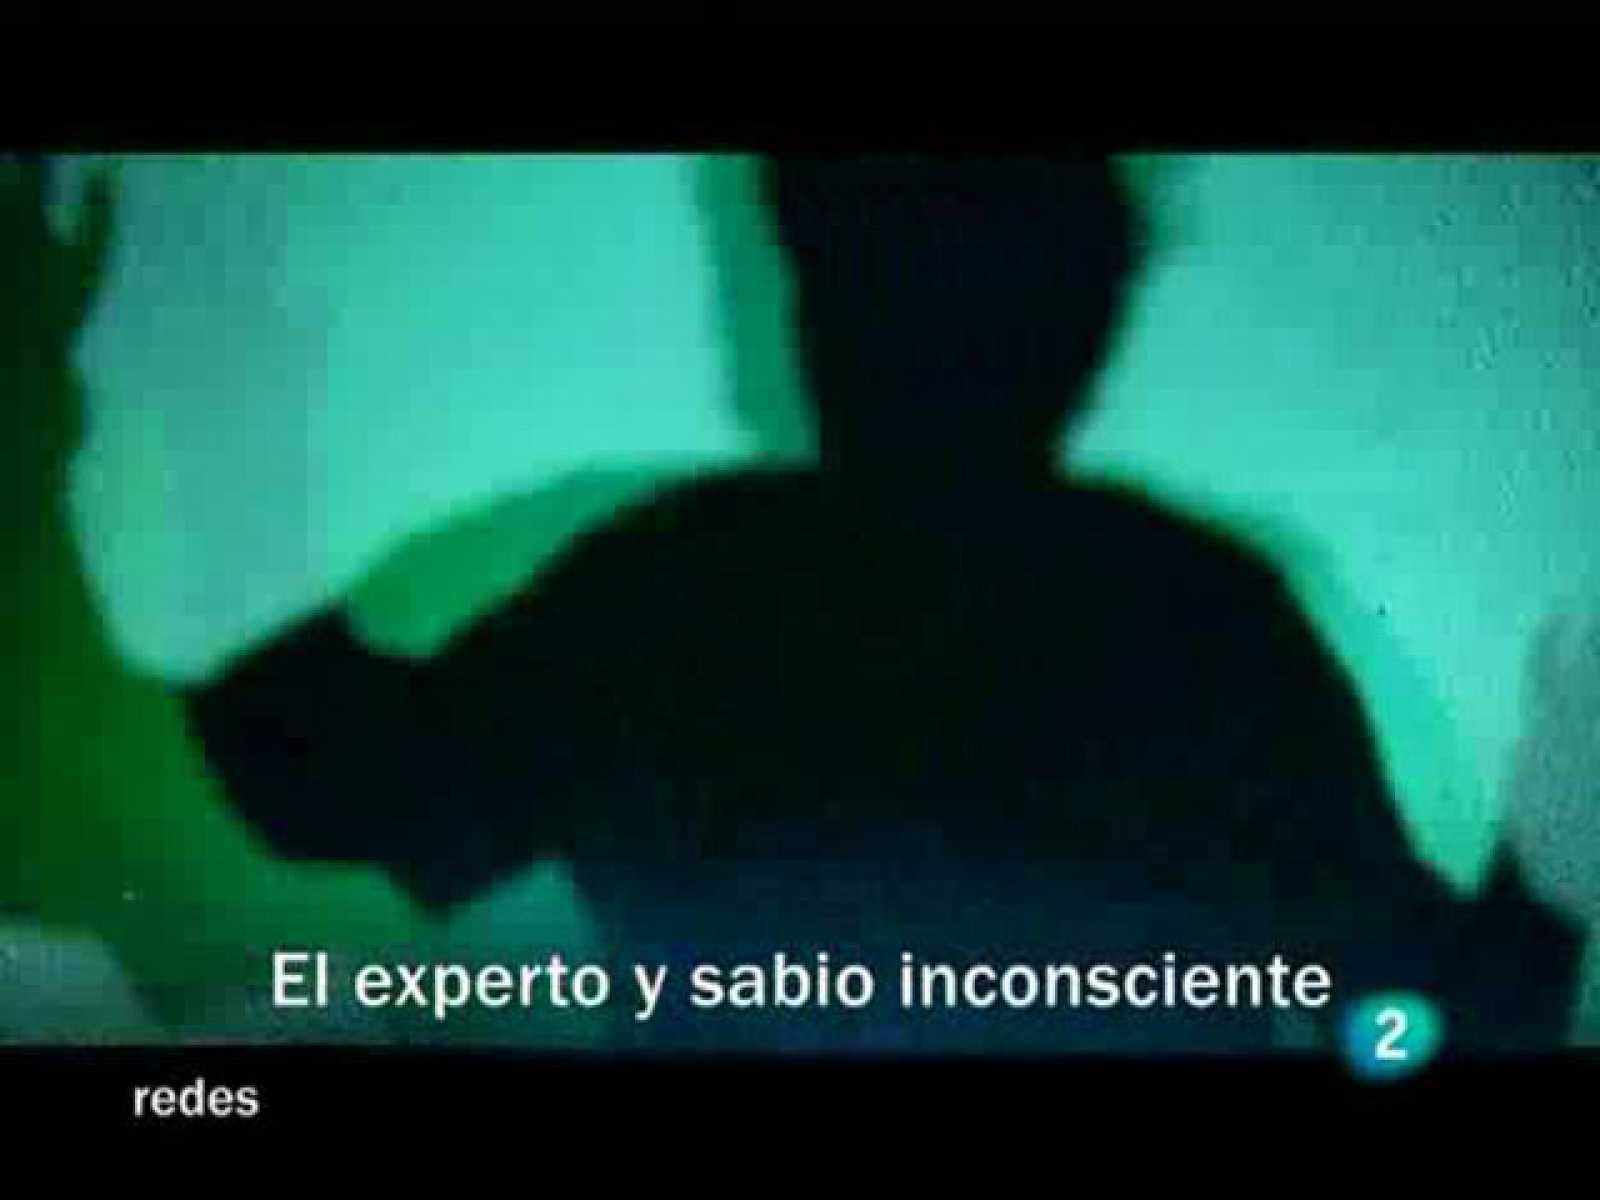 Redes (15/11/09) : El experto y sabio inconsciente.